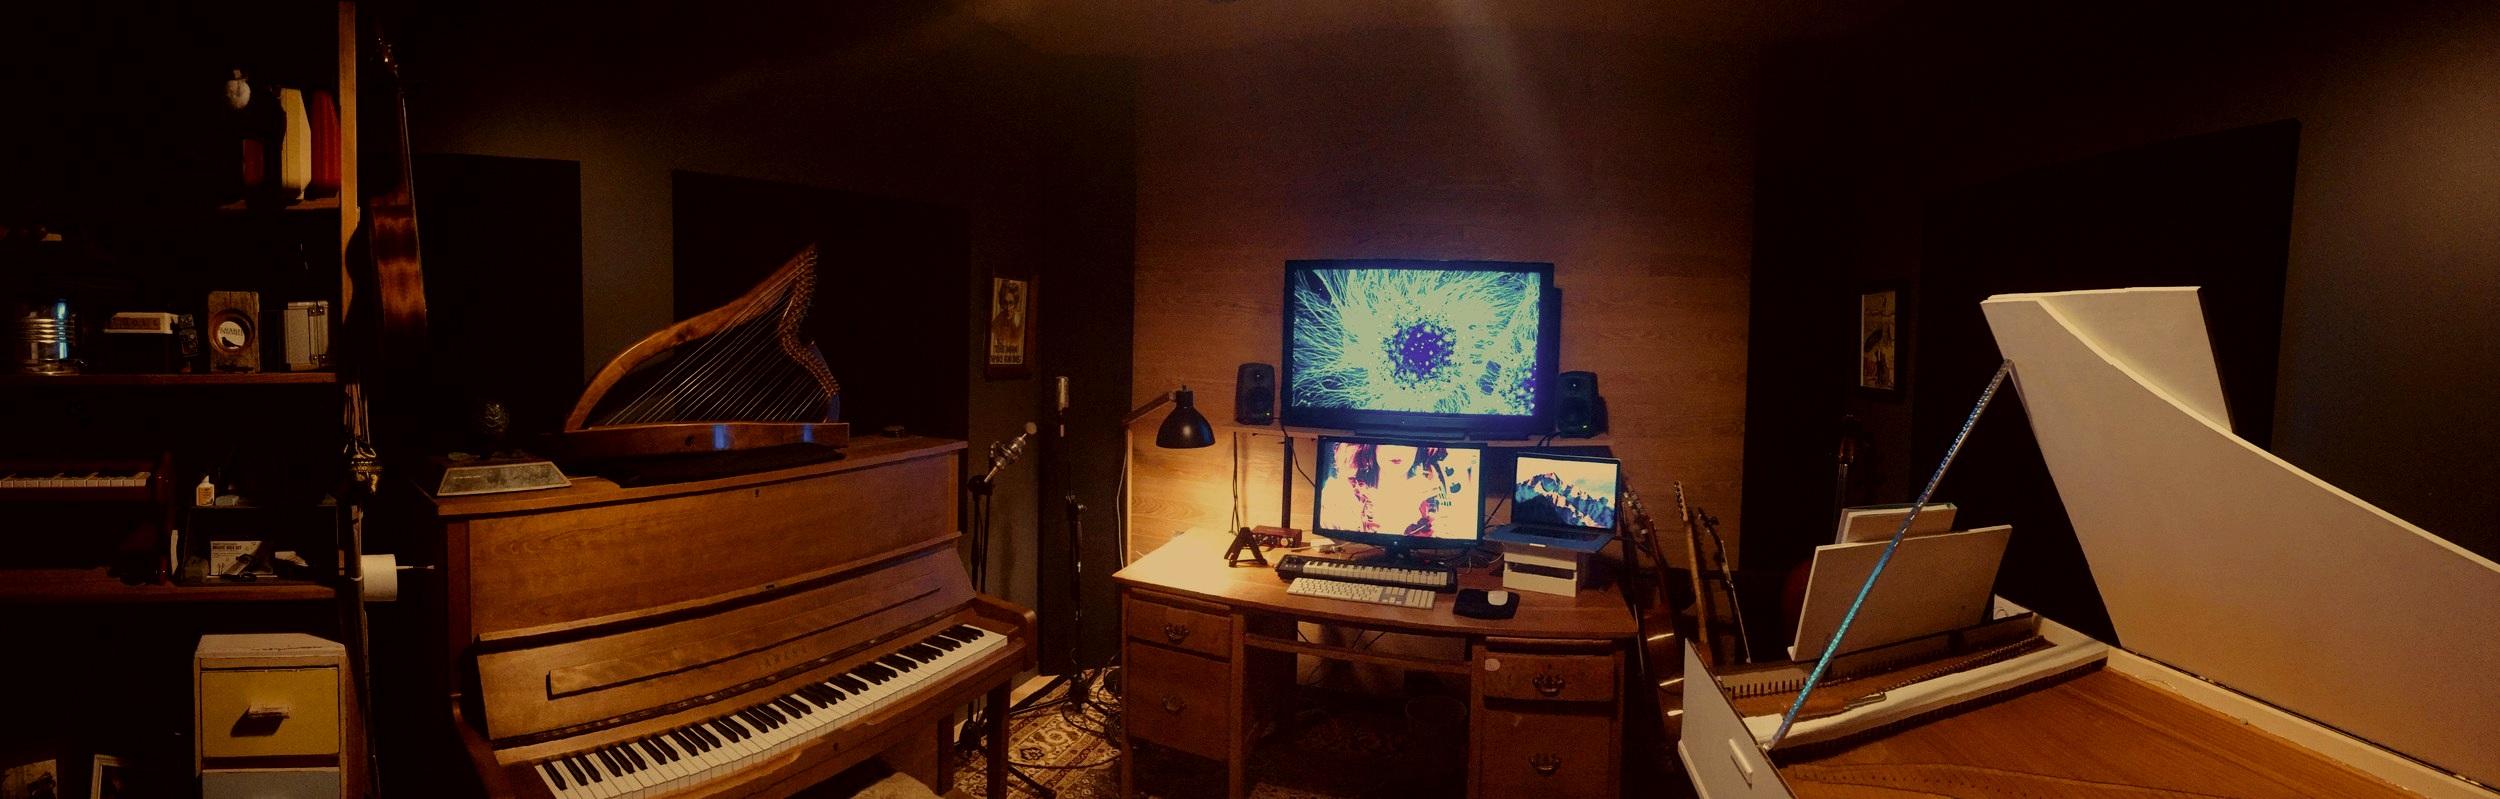 CLAIRE'S STUDIO